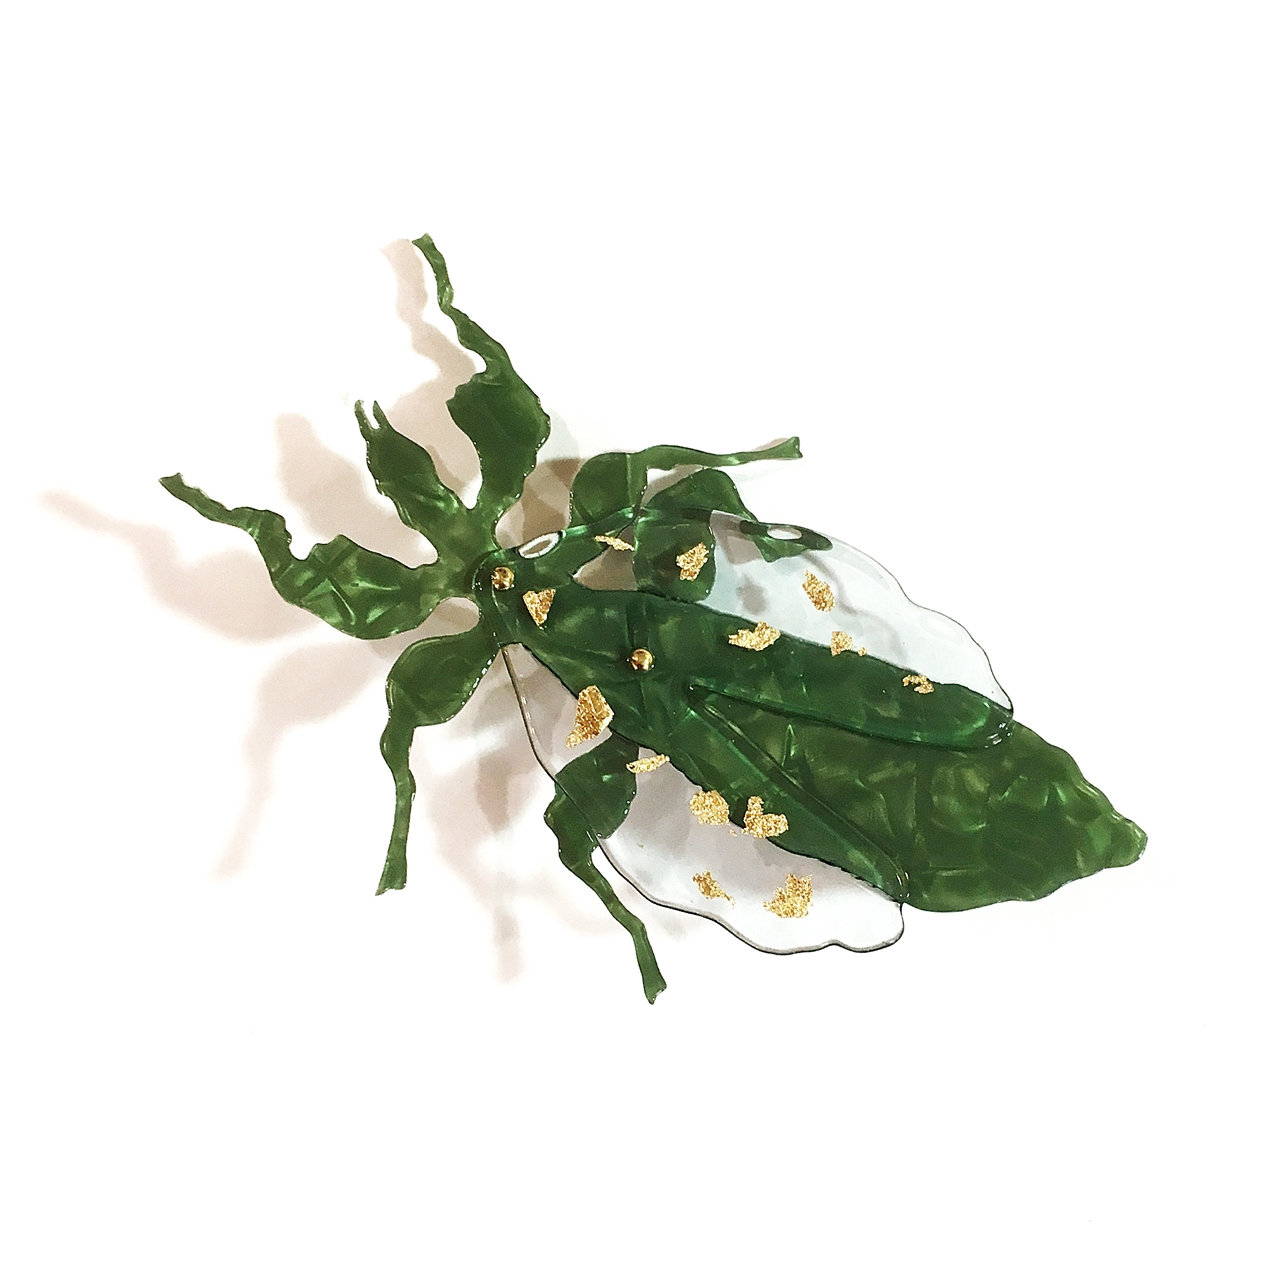 Broche Insecto Hoja - Le Voilà